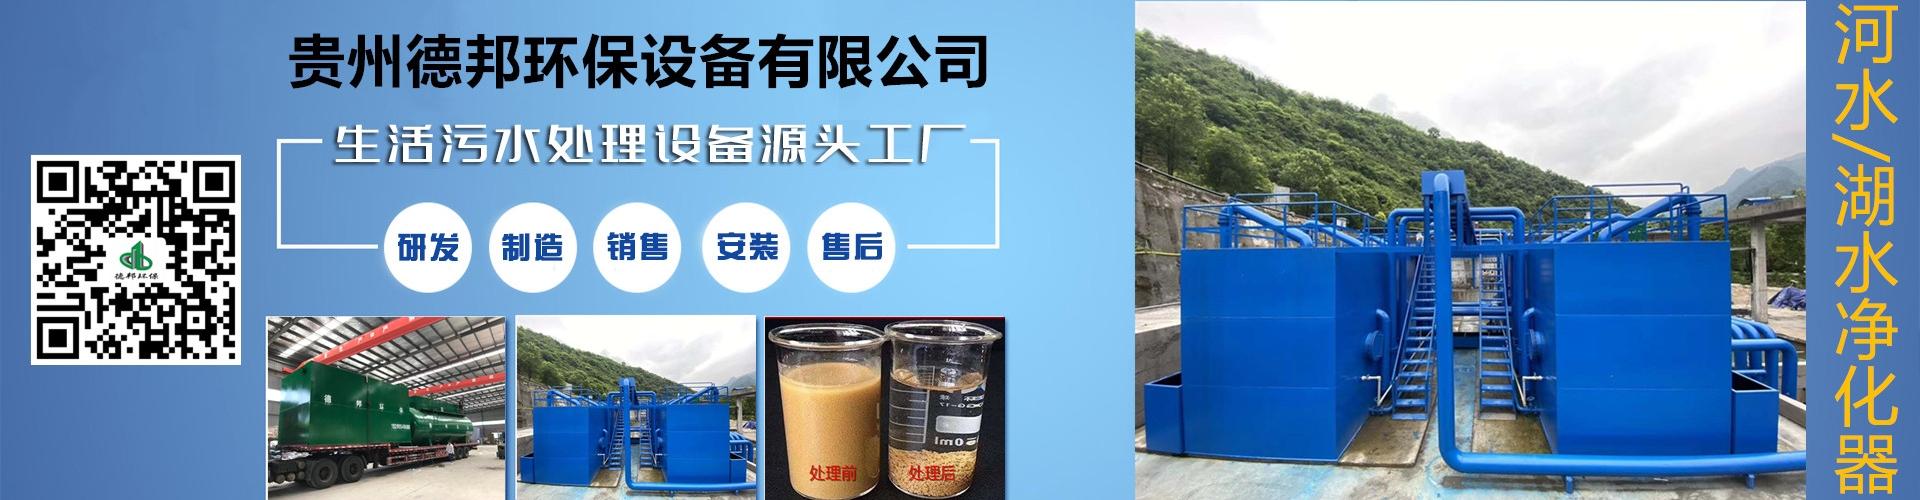 生活污水处理设备源头工厂